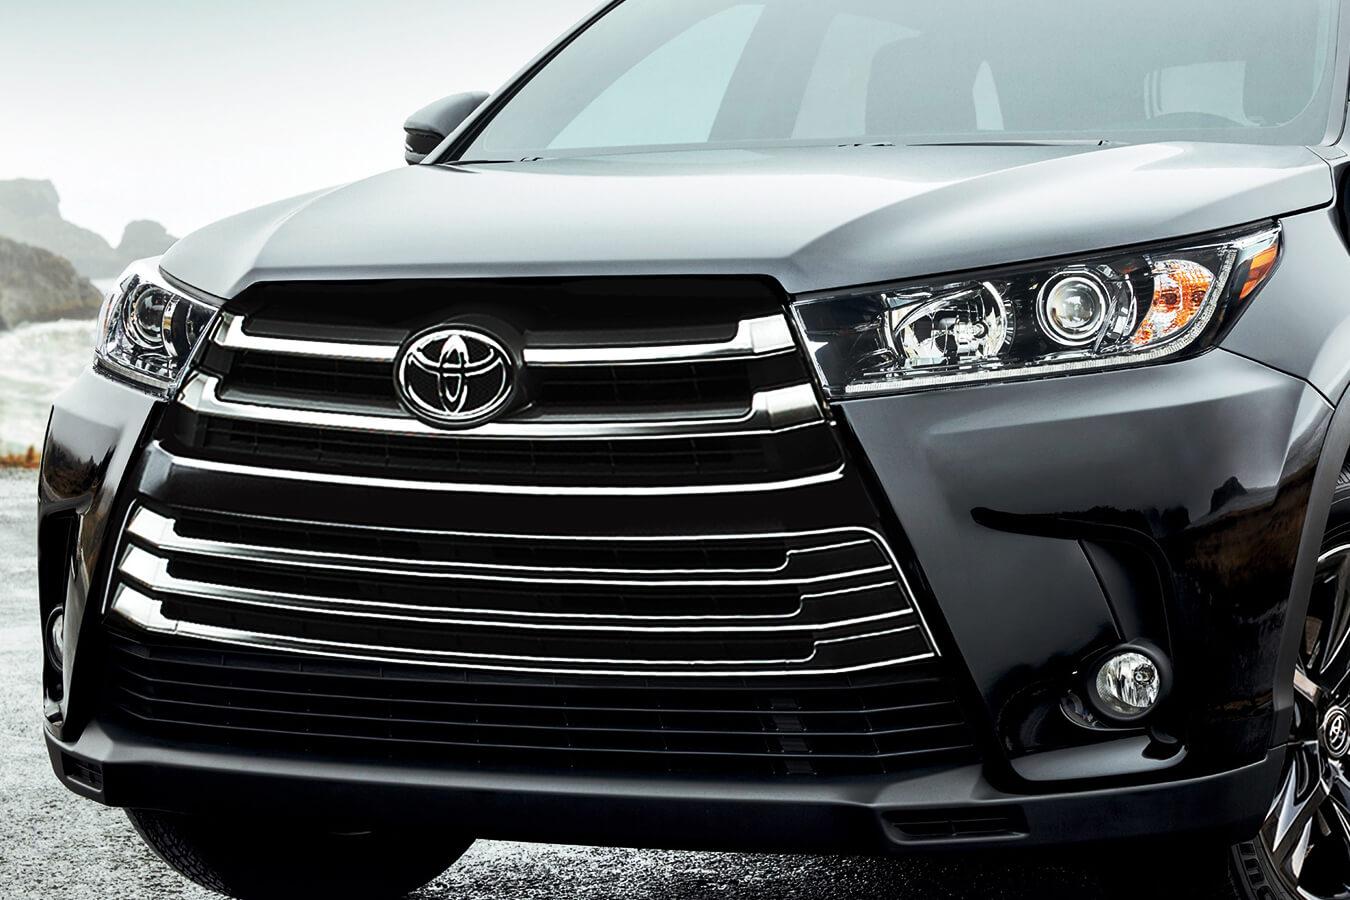 La Toyota Highlander Limited BR 2019 es muy práctica y funcional para familias numerosas